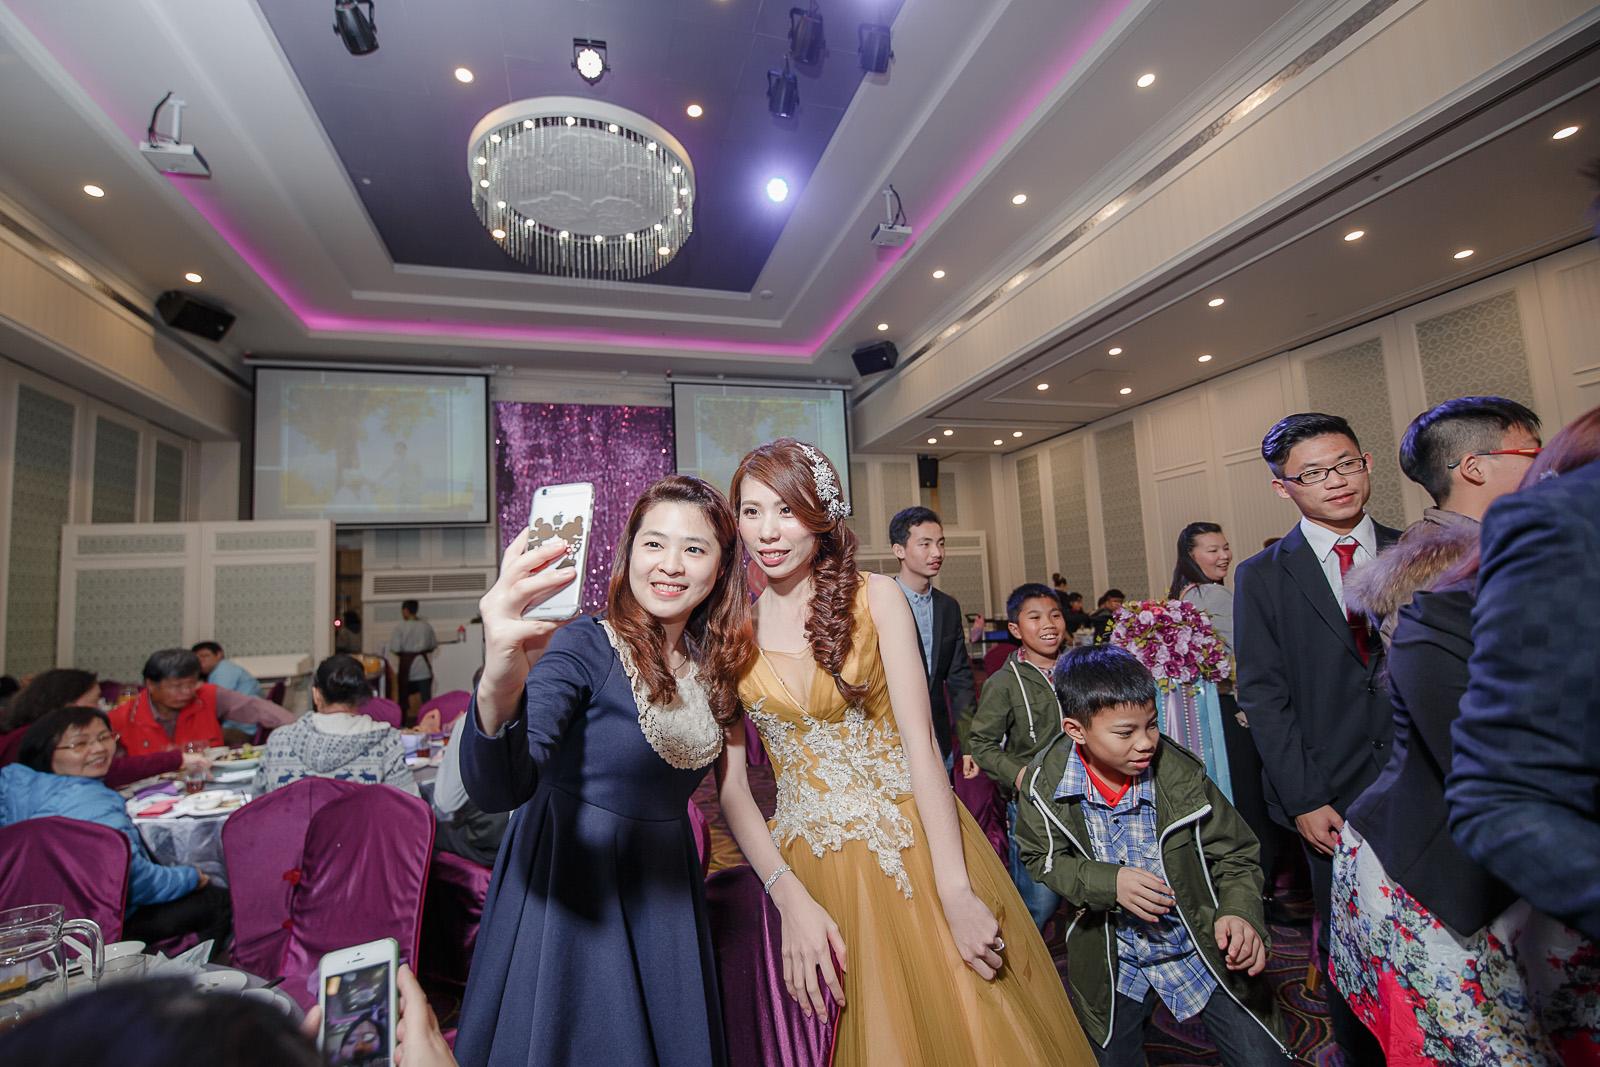 高雄圓山飯店,婚禮攝影,婚攝,高雄婚攝,優質婚攝推薦,Jen&Ethan-322